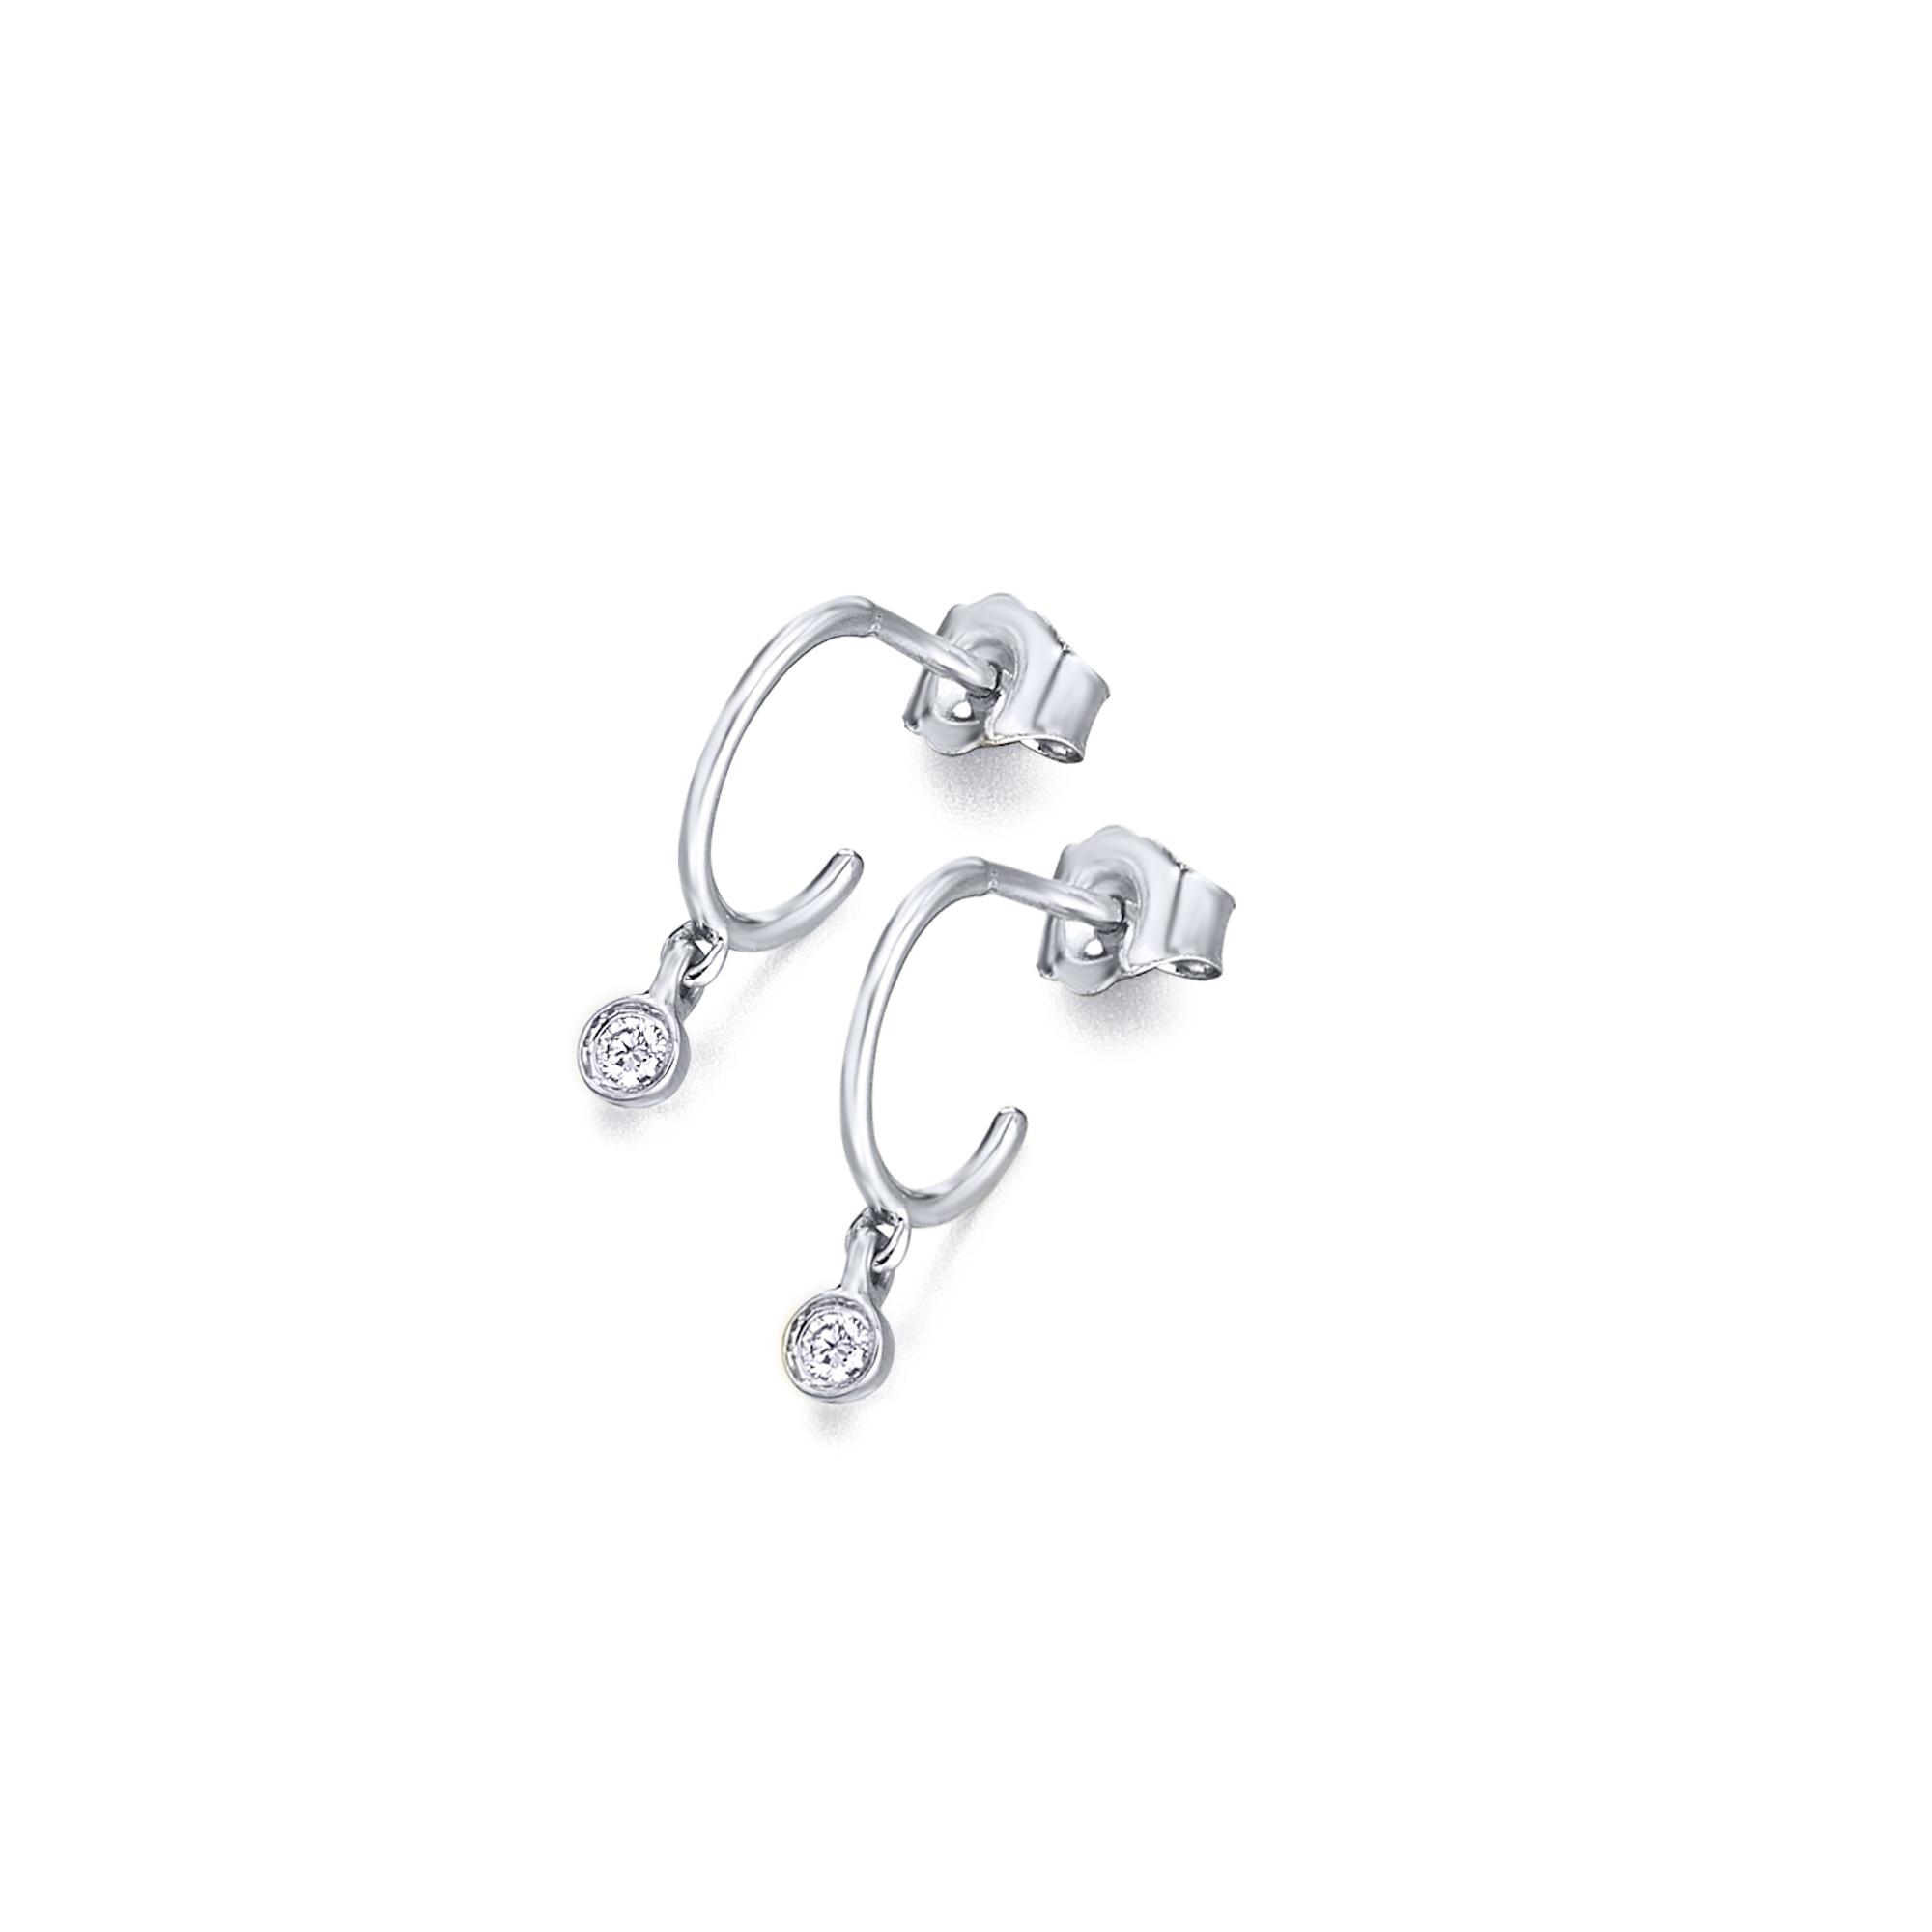 GB059OB orecchini oro bianco diamanti diamonds earrings discount sconto